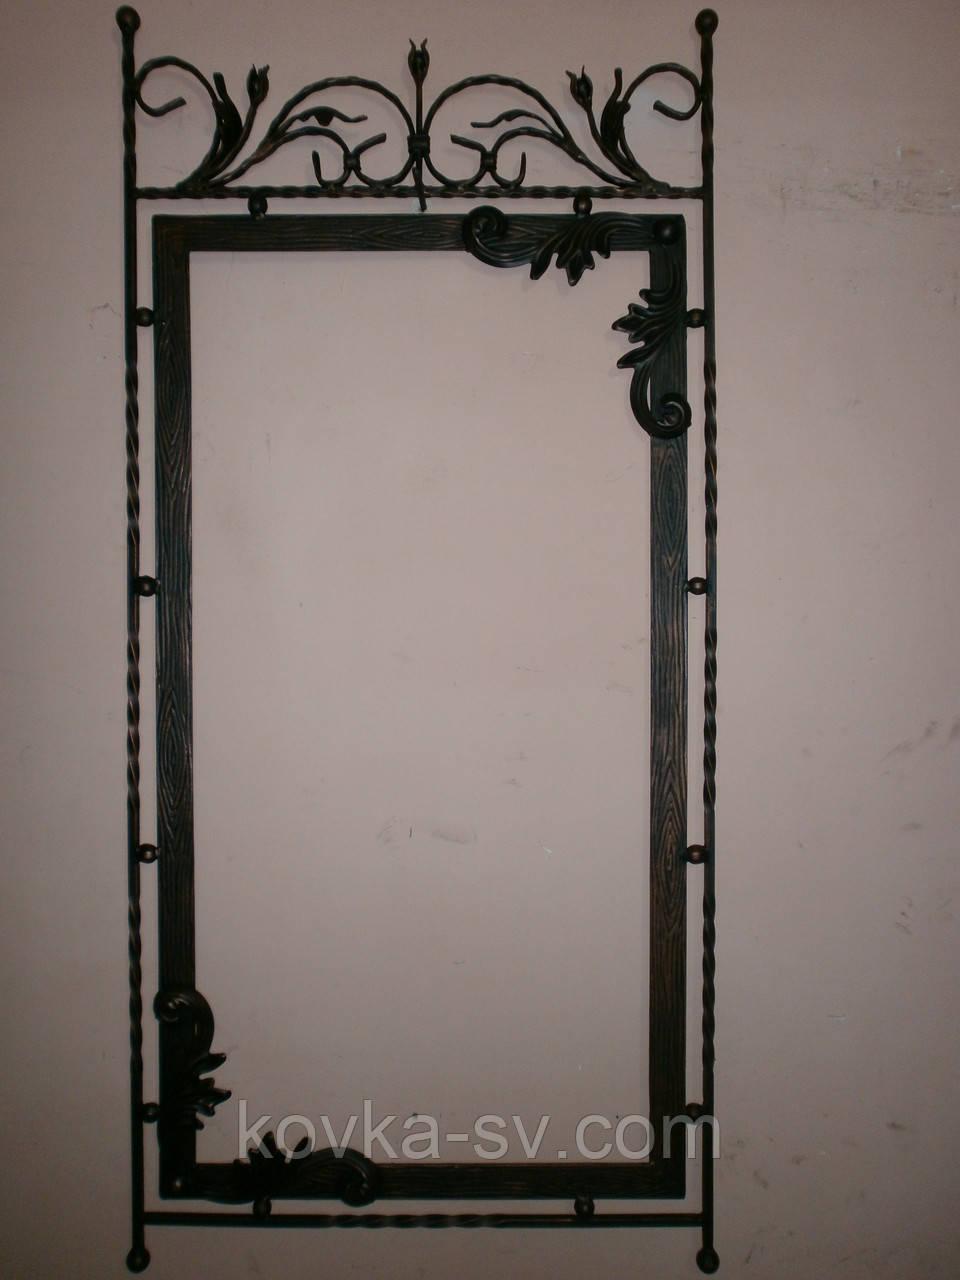 Рамка для зеркала (1000х500 мм) - «Сварог» Художественная ковка.  Кованые изделия.  Кованые элементы. в Харькове